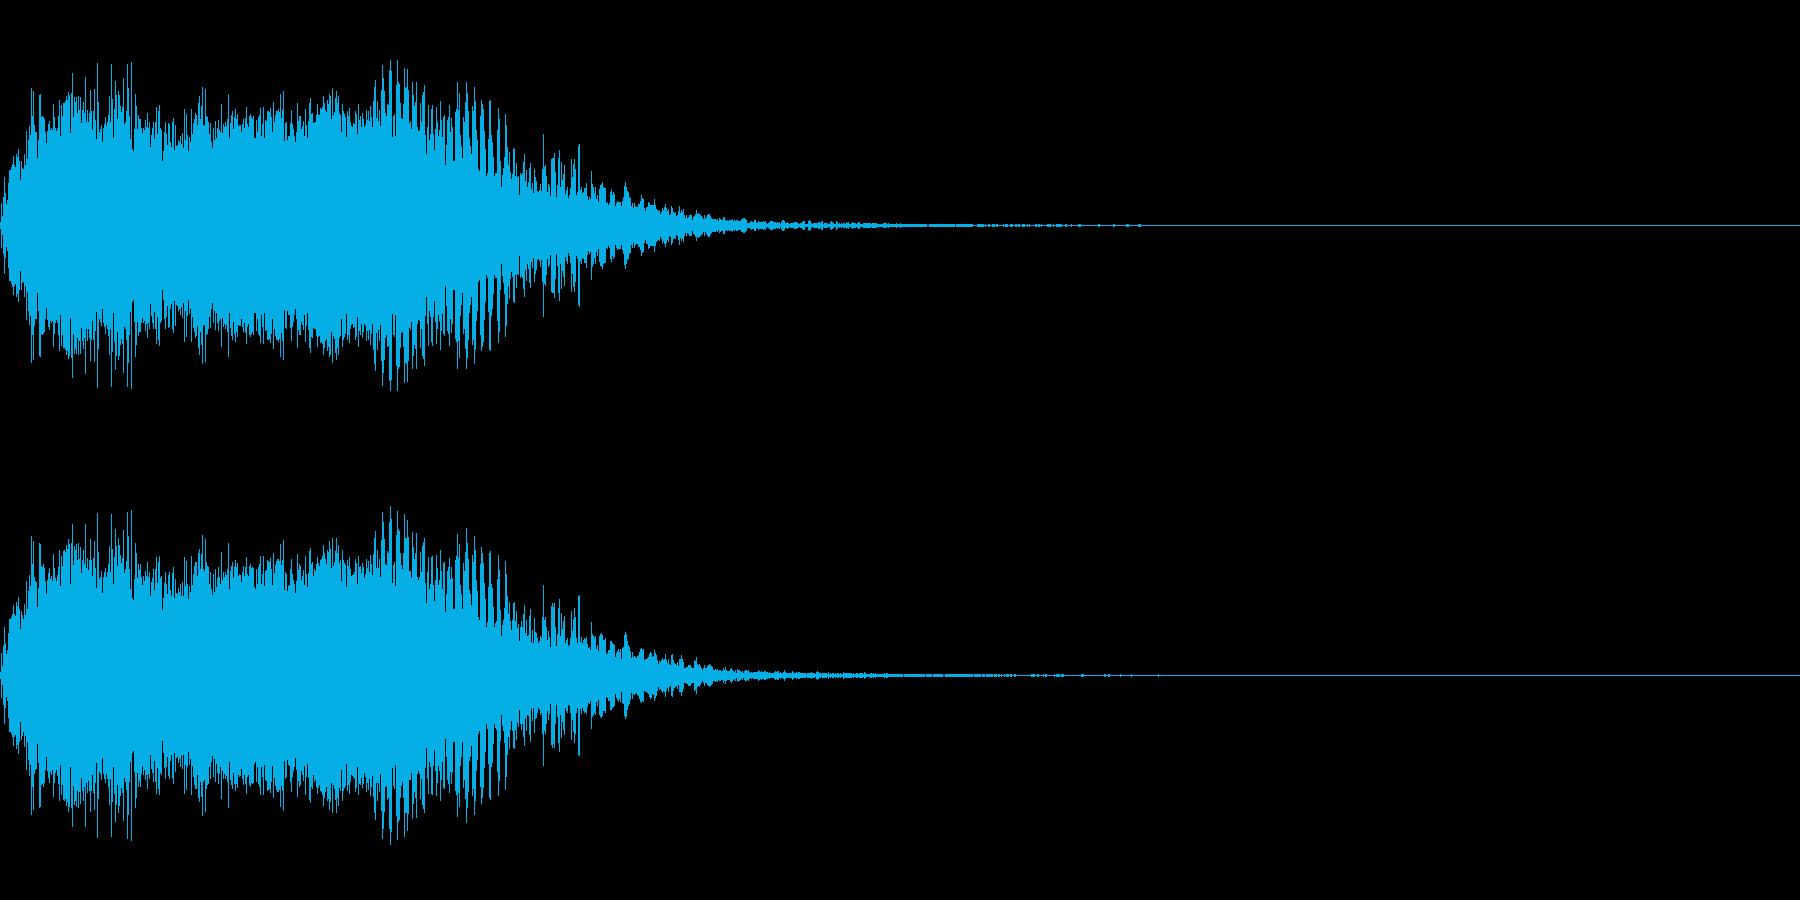 スパーク音-06の再生済みの波形